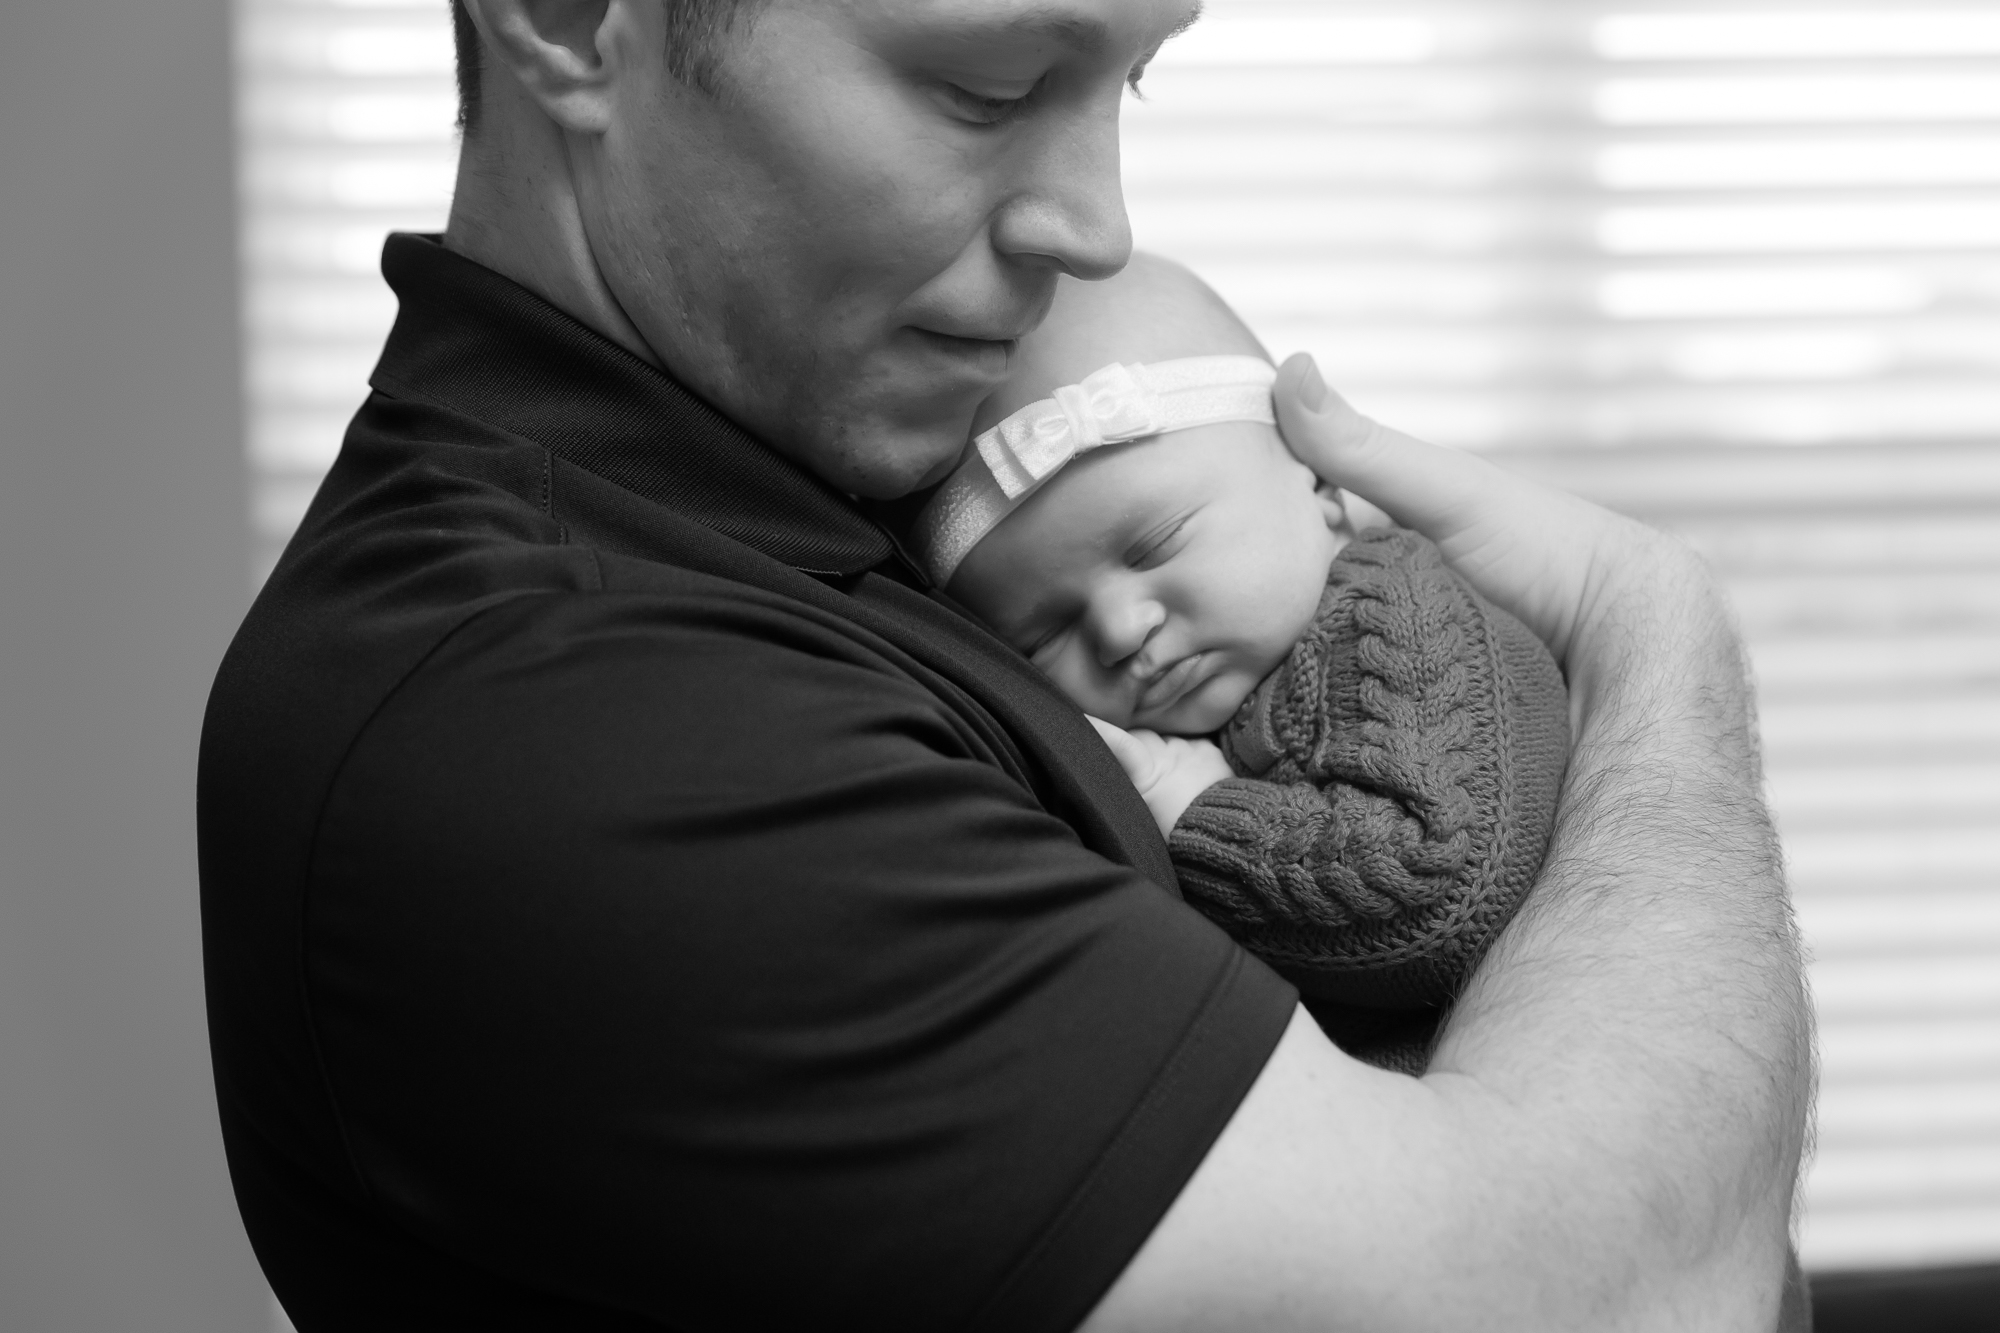 A Sweet Baby Sister | Dexter, Mi Newborn Photographer